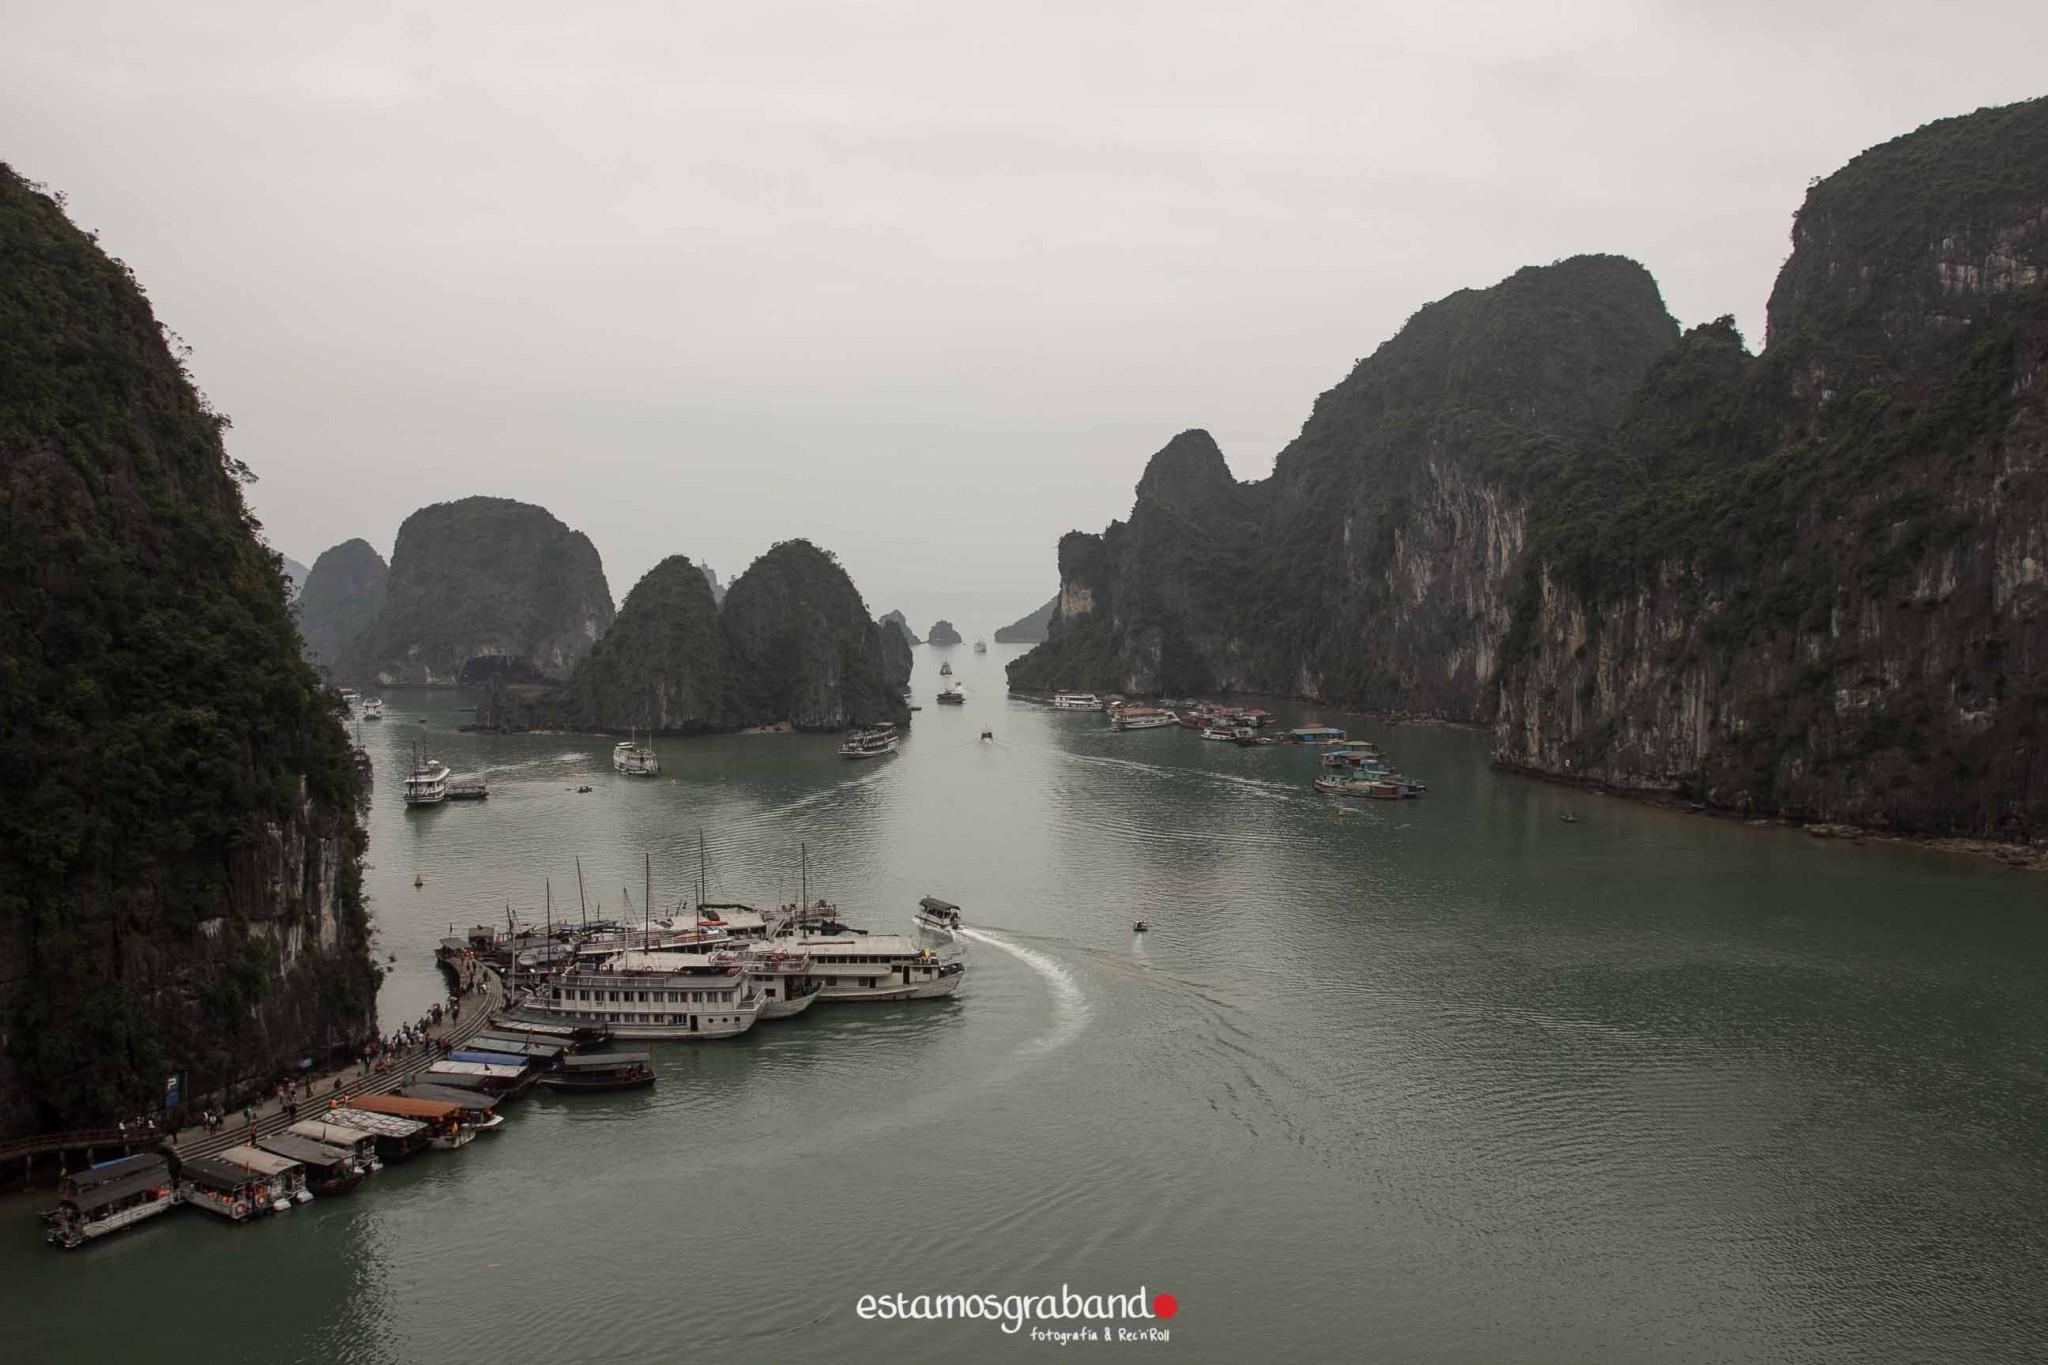 reportaje-vietnam_fotograficc81a-vietnam_estamosgrabando-vietnam_rutasvietnam_reportaje-retratos-fotos-vietnam_fotografia-vietnam_reportaje-estamosgrabando-fotograficc81a-vietnam-61 Pequeños grandes recuerdos de Vietnam en 100 imágenes - video boda cadiz